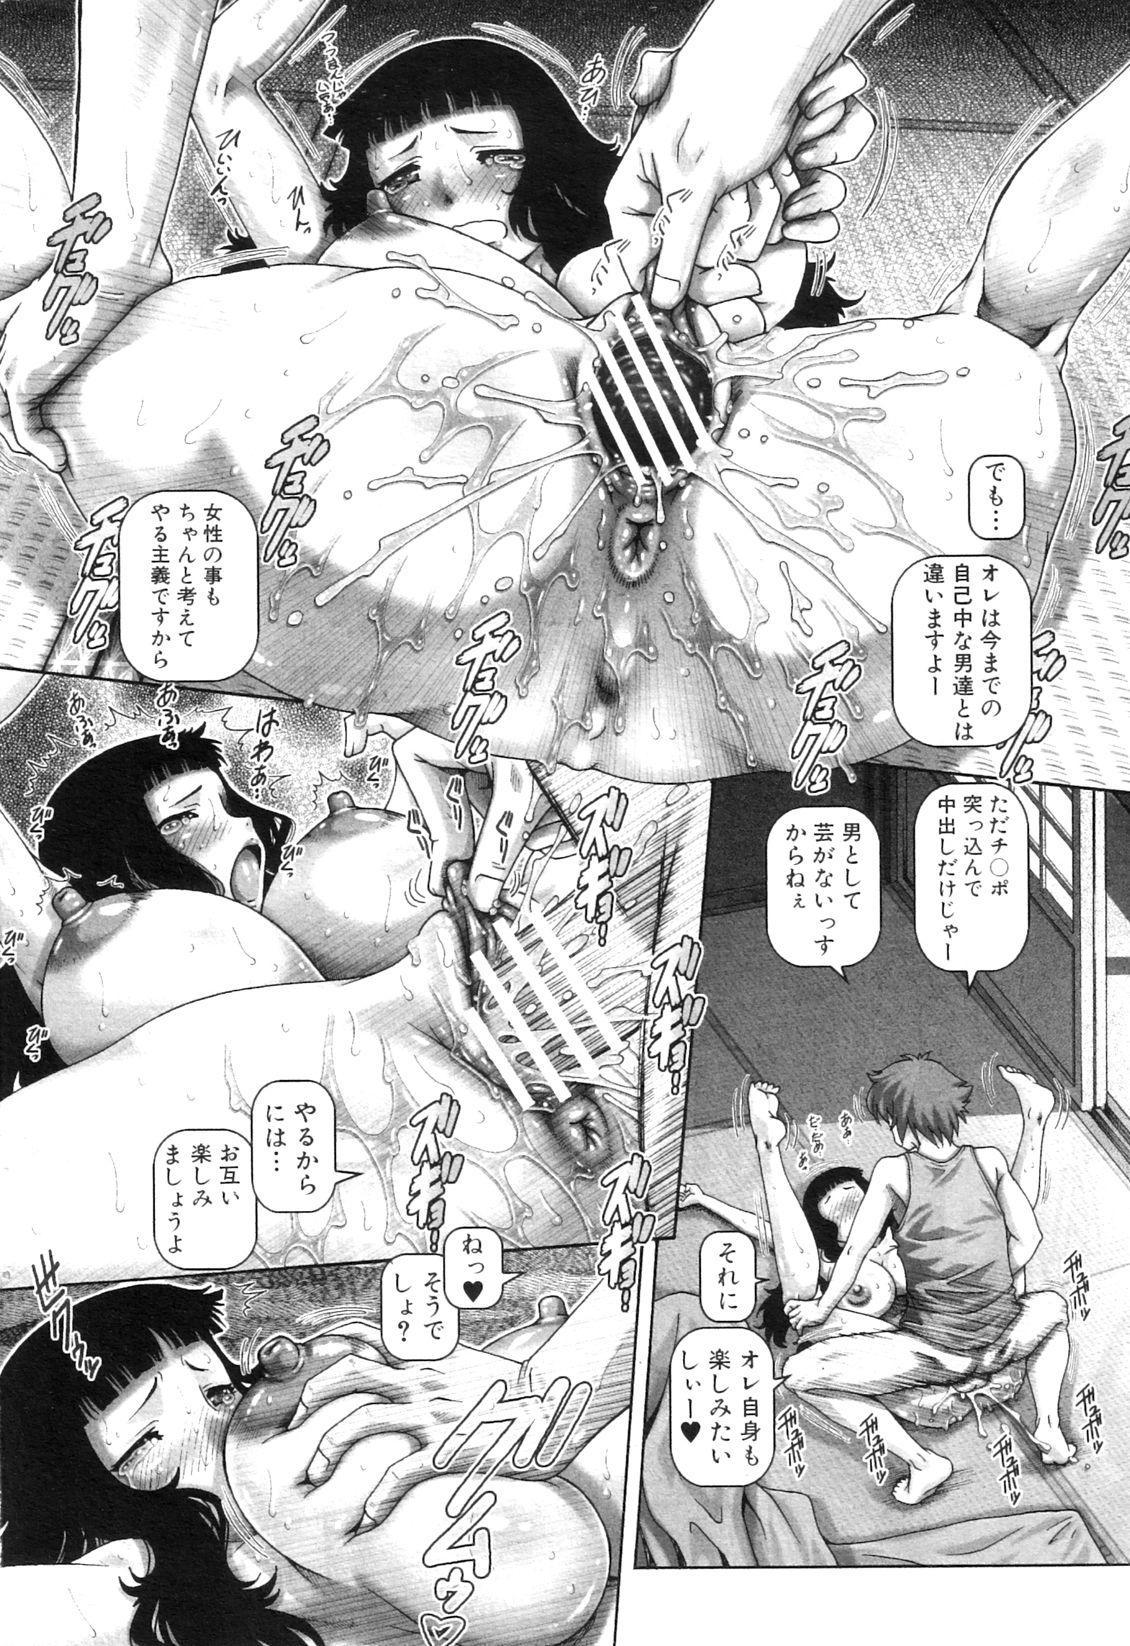 Ayakashiyakata no Tamahime 24